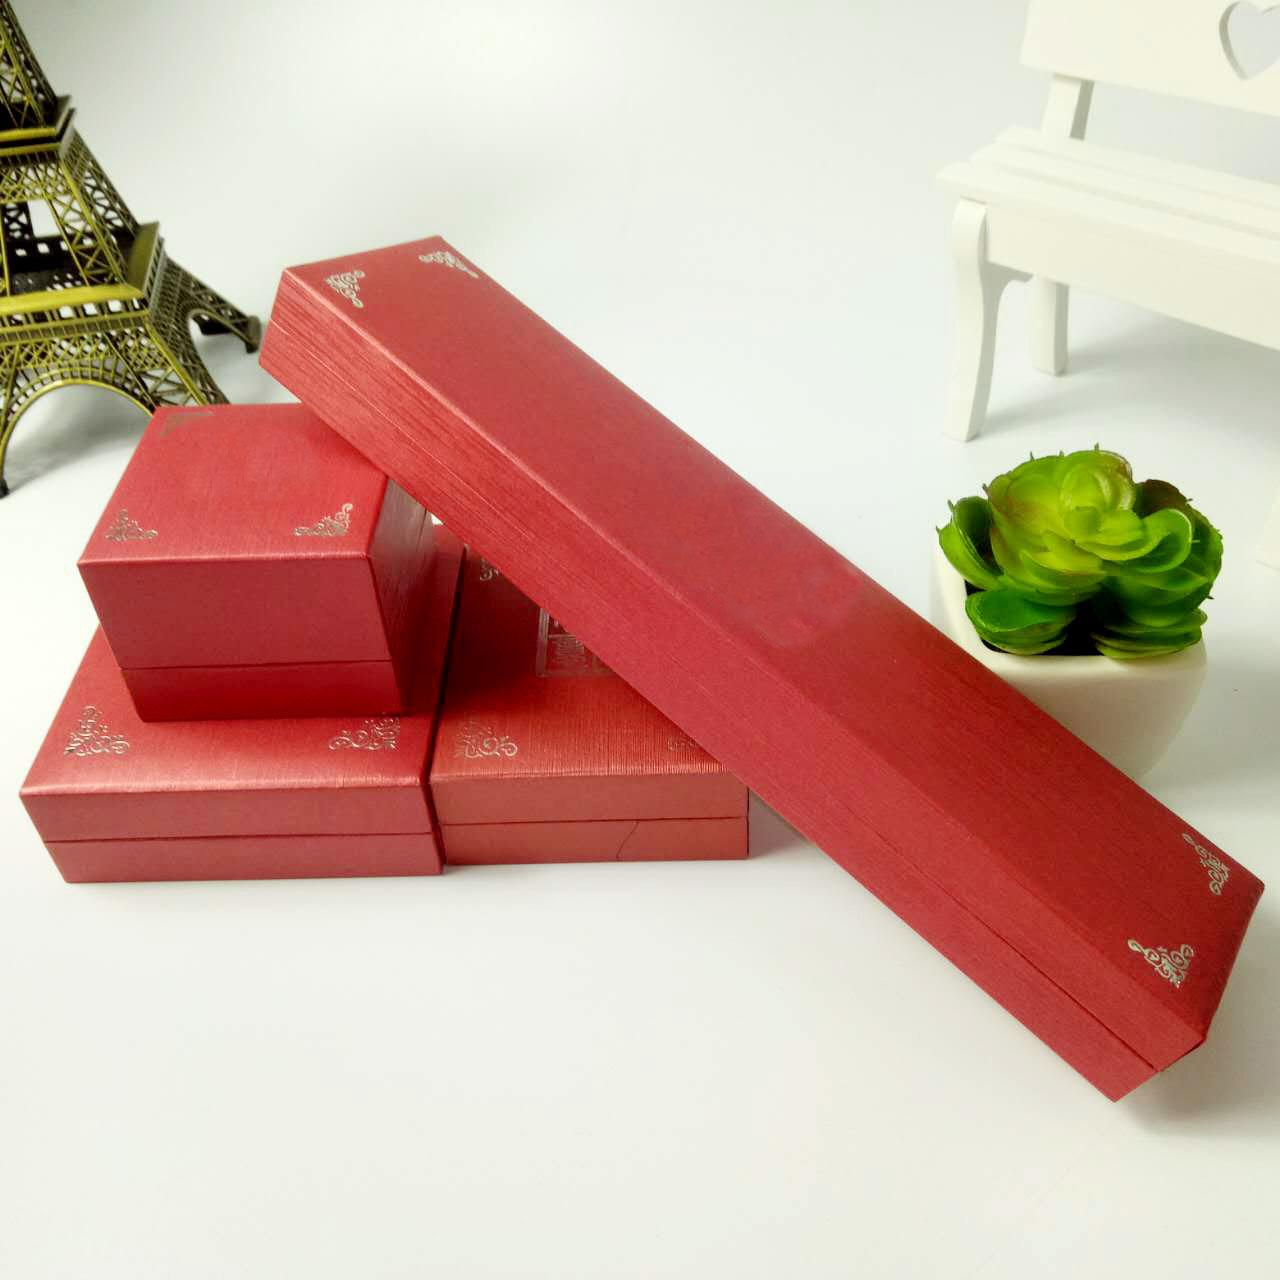 厂家定做 高档首饰包装盒 特种纸首饰盒 天地盖手镯首饰盒 可烫金